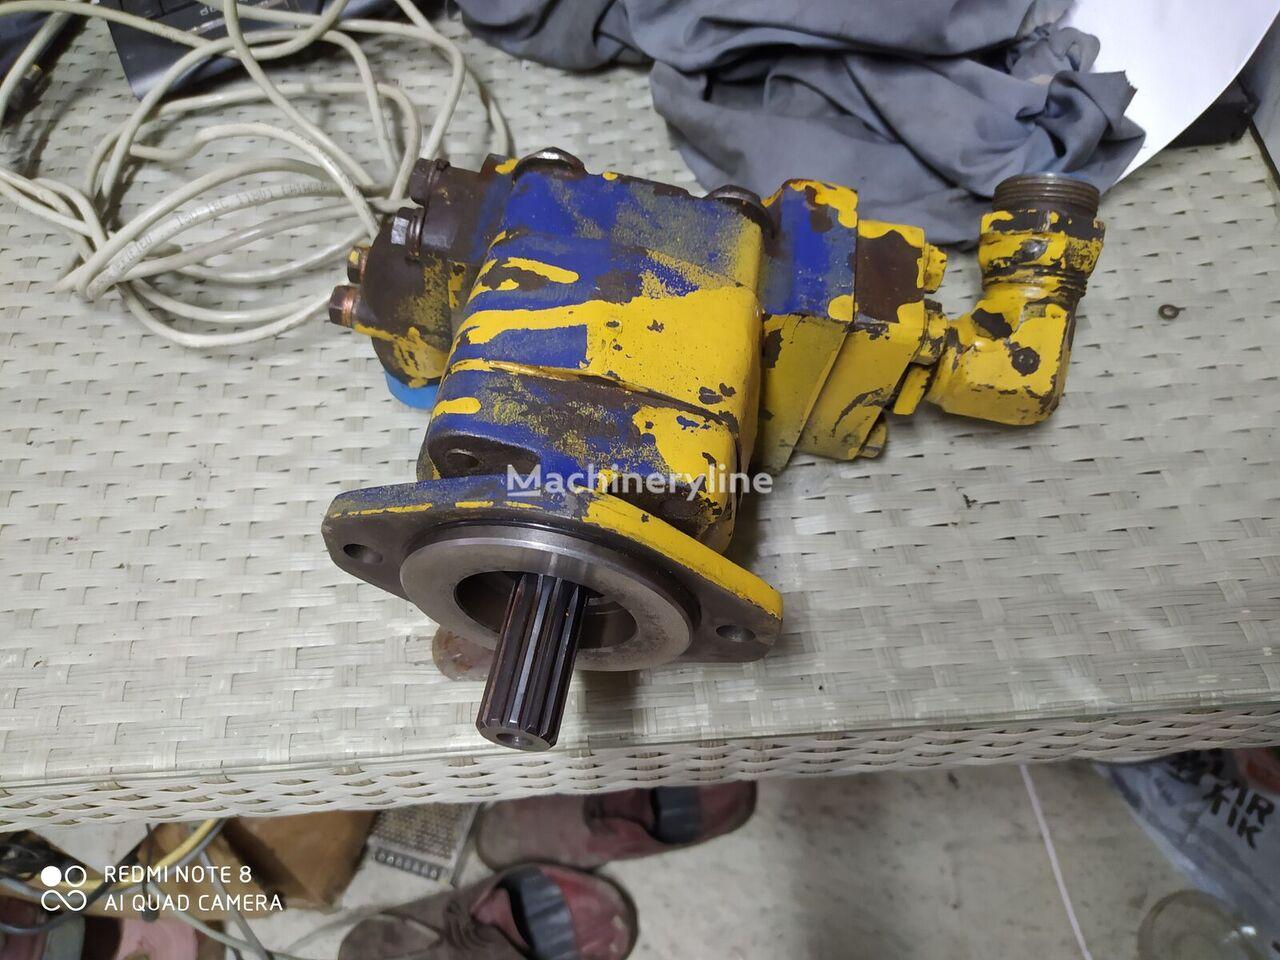 Dynapac roller vibration pump hydraulic pump for DYNAPAC CA 25 construction roller